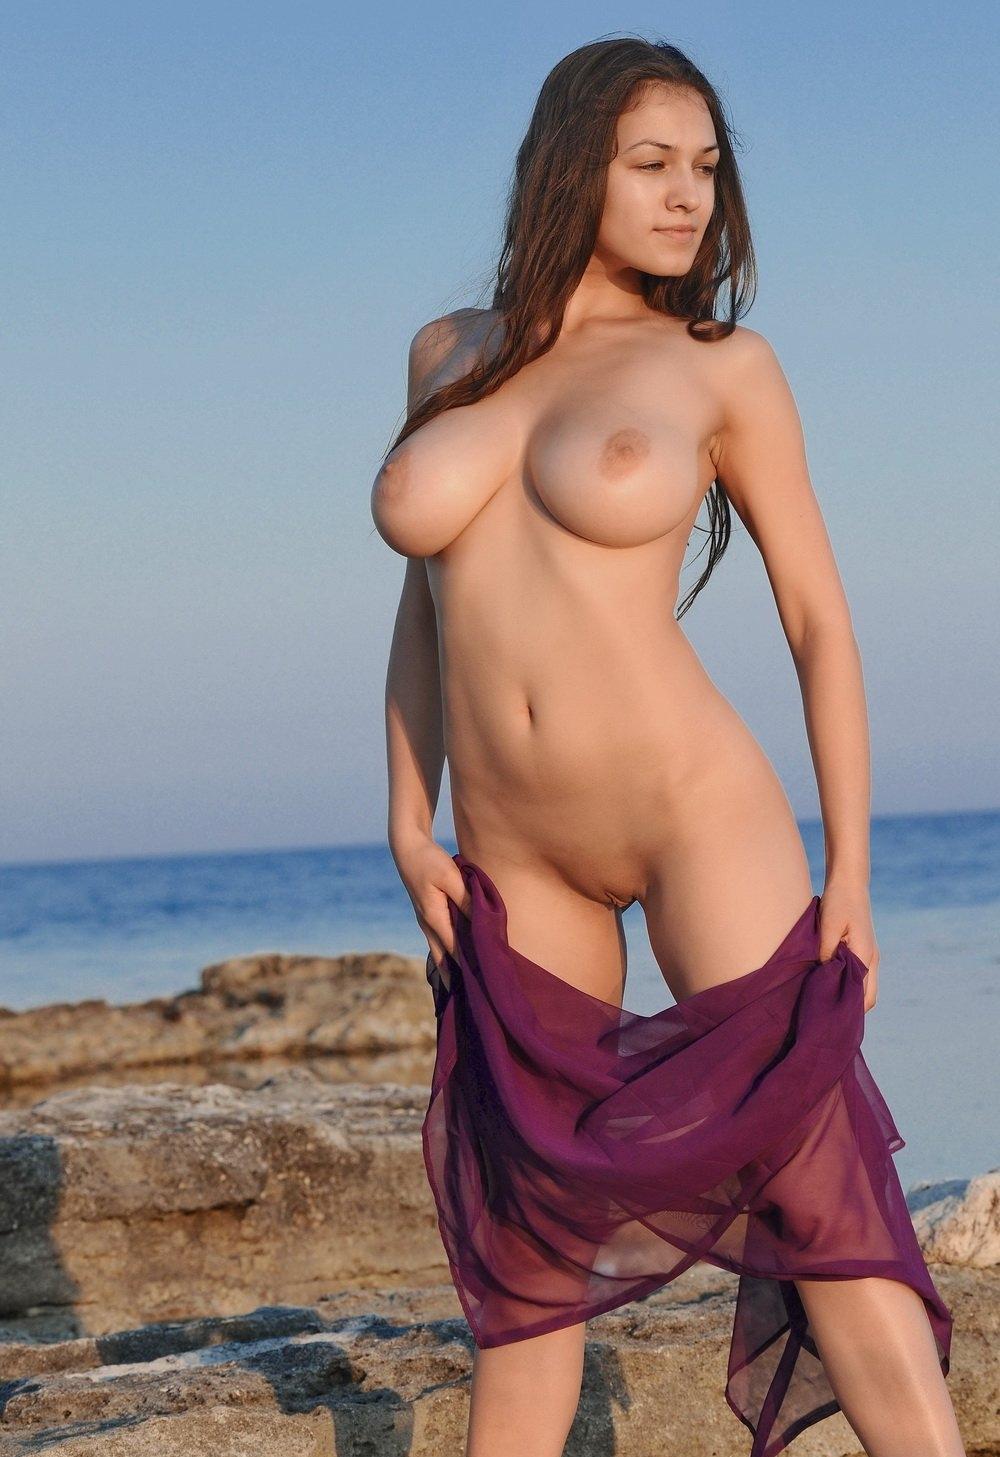 Сисечки сиськи сучка, шлюхи и проститутки дамы зрелые порнуха с молодыми